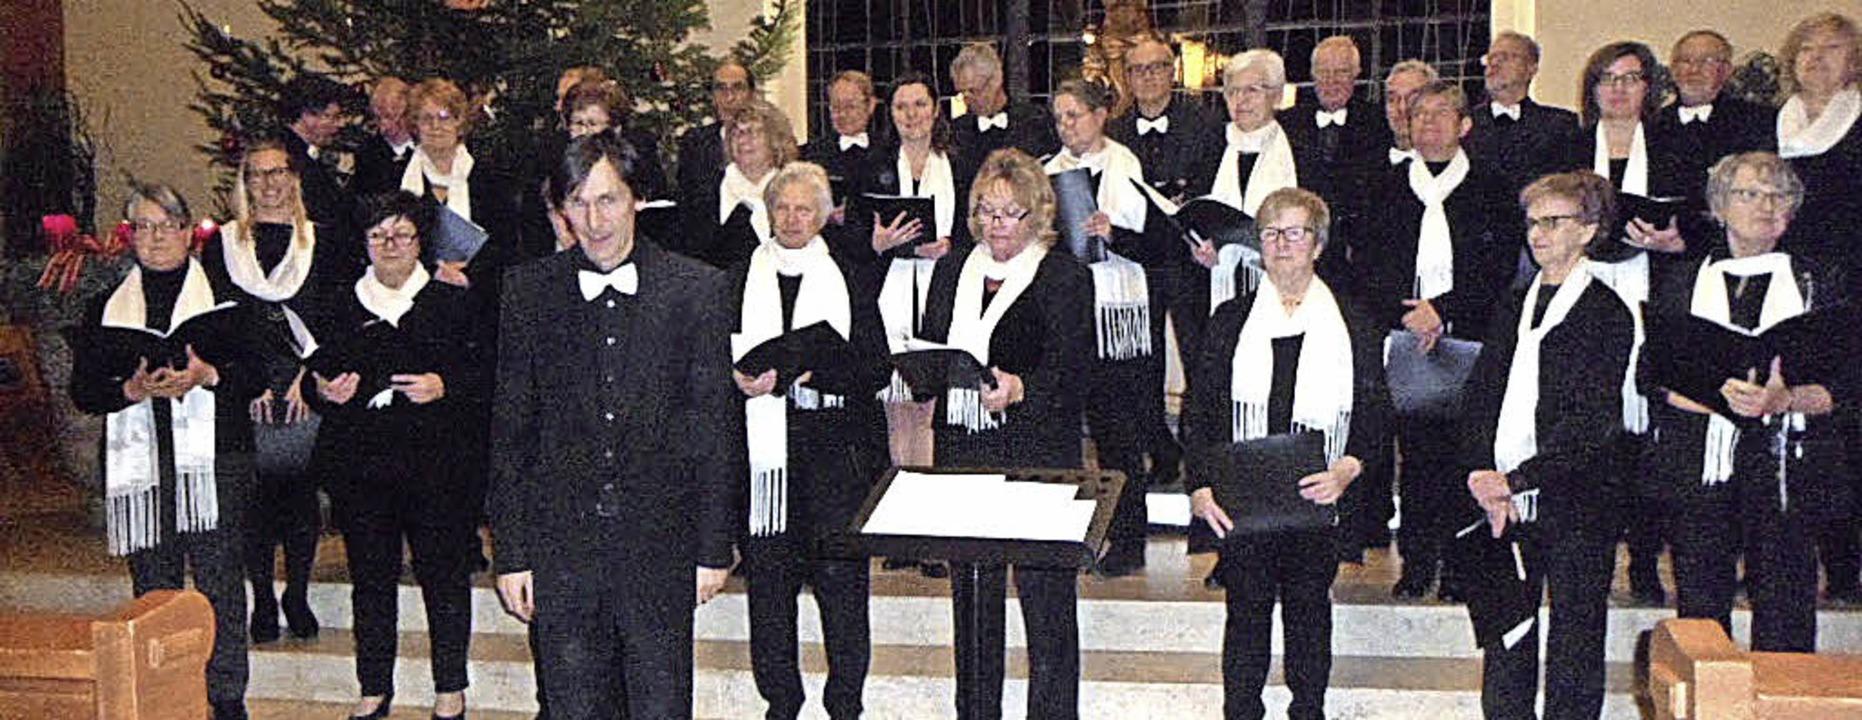 Beim Weihnachts- und Jahreskonzert san...tin Klingler in die Herzen der Hörer.     Foto: Bianca Flier